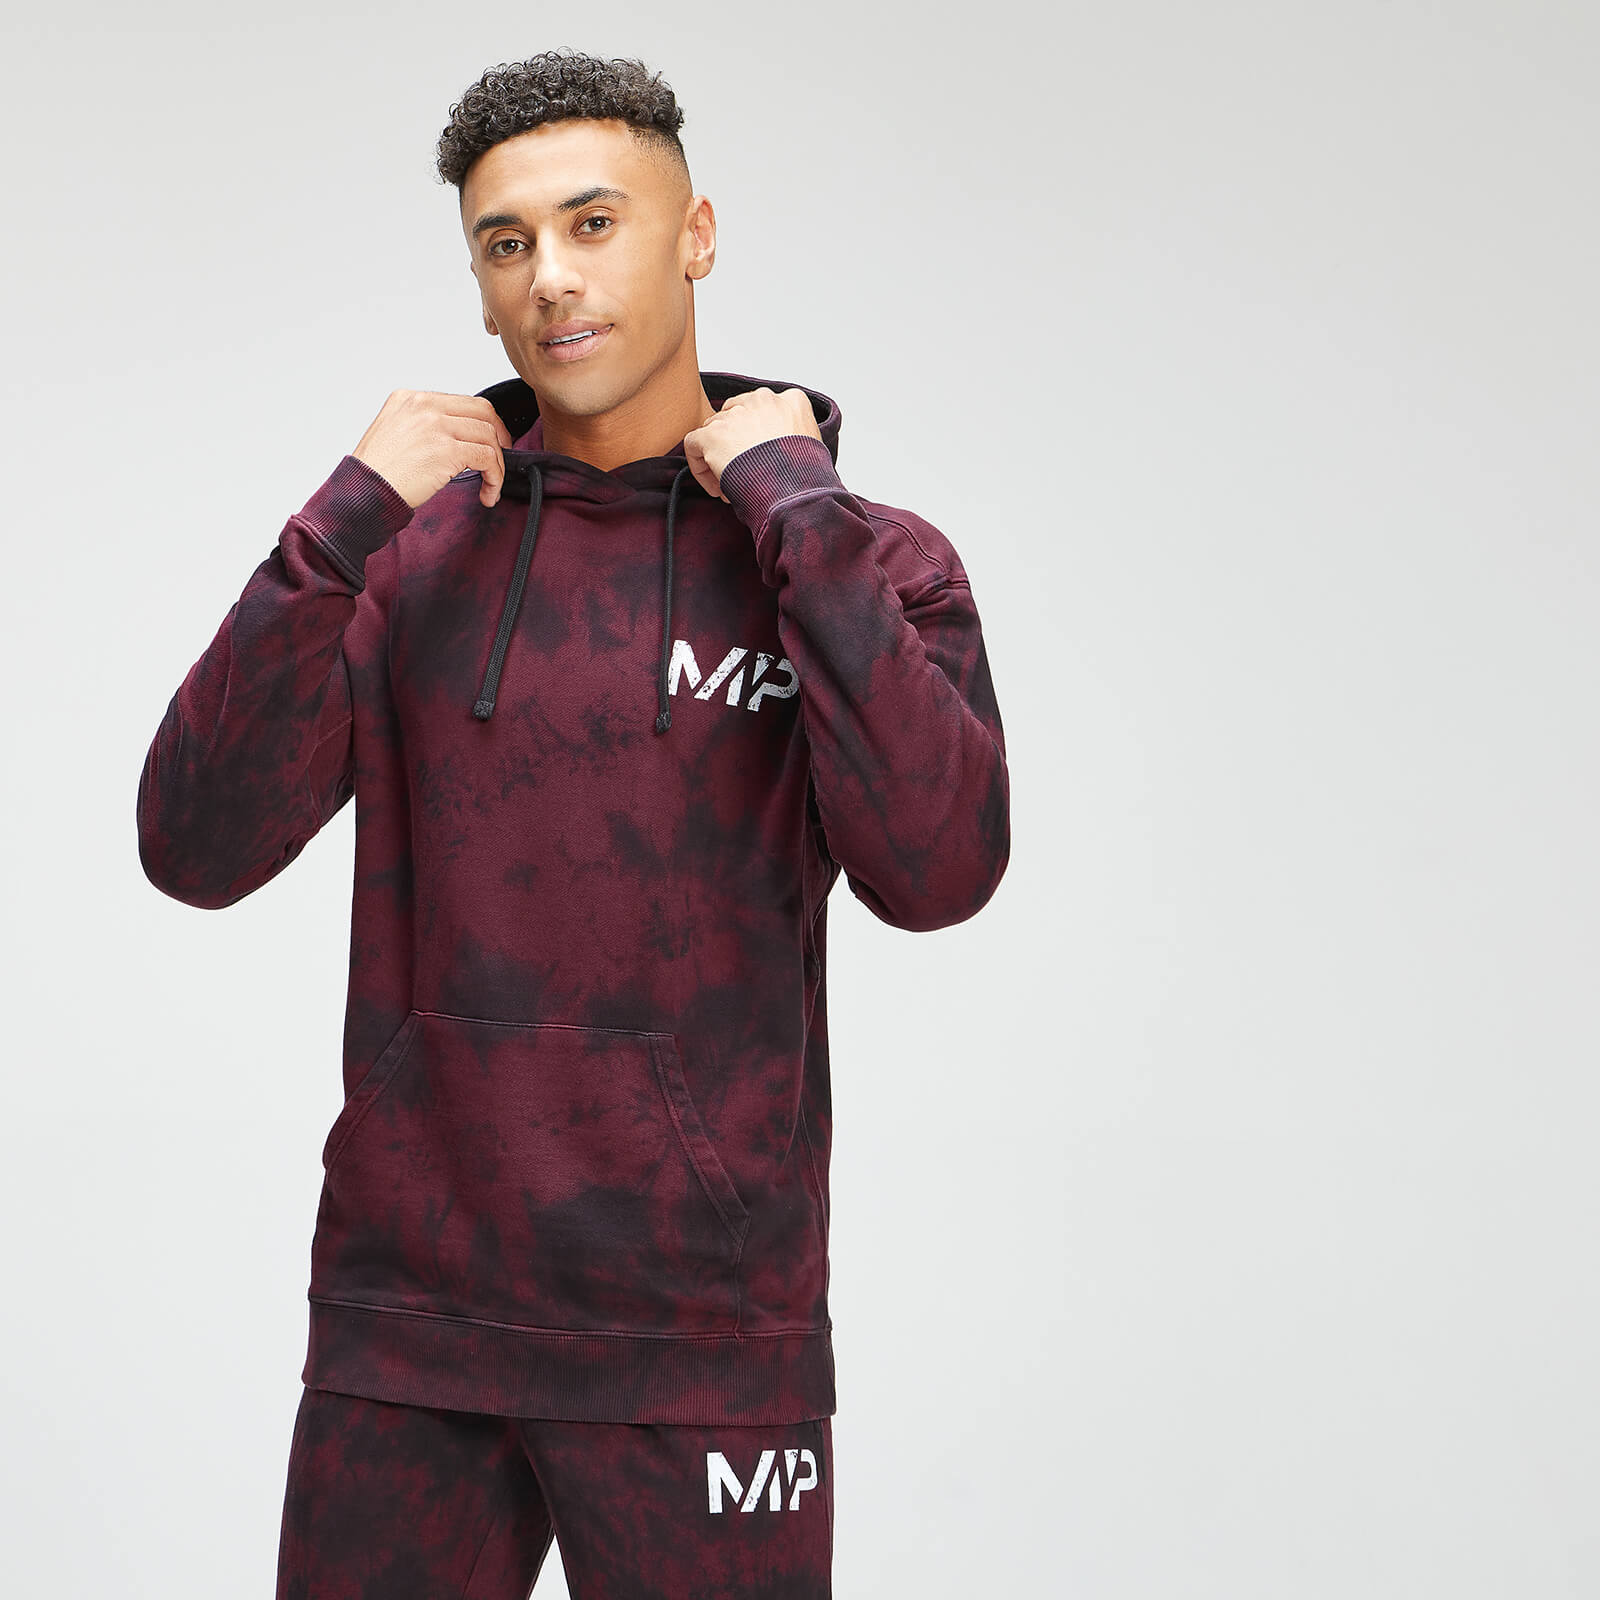 Купить MP Men's Adapt Tie Dye Hoodie - Black/Merlot - XXS, Myprotein International